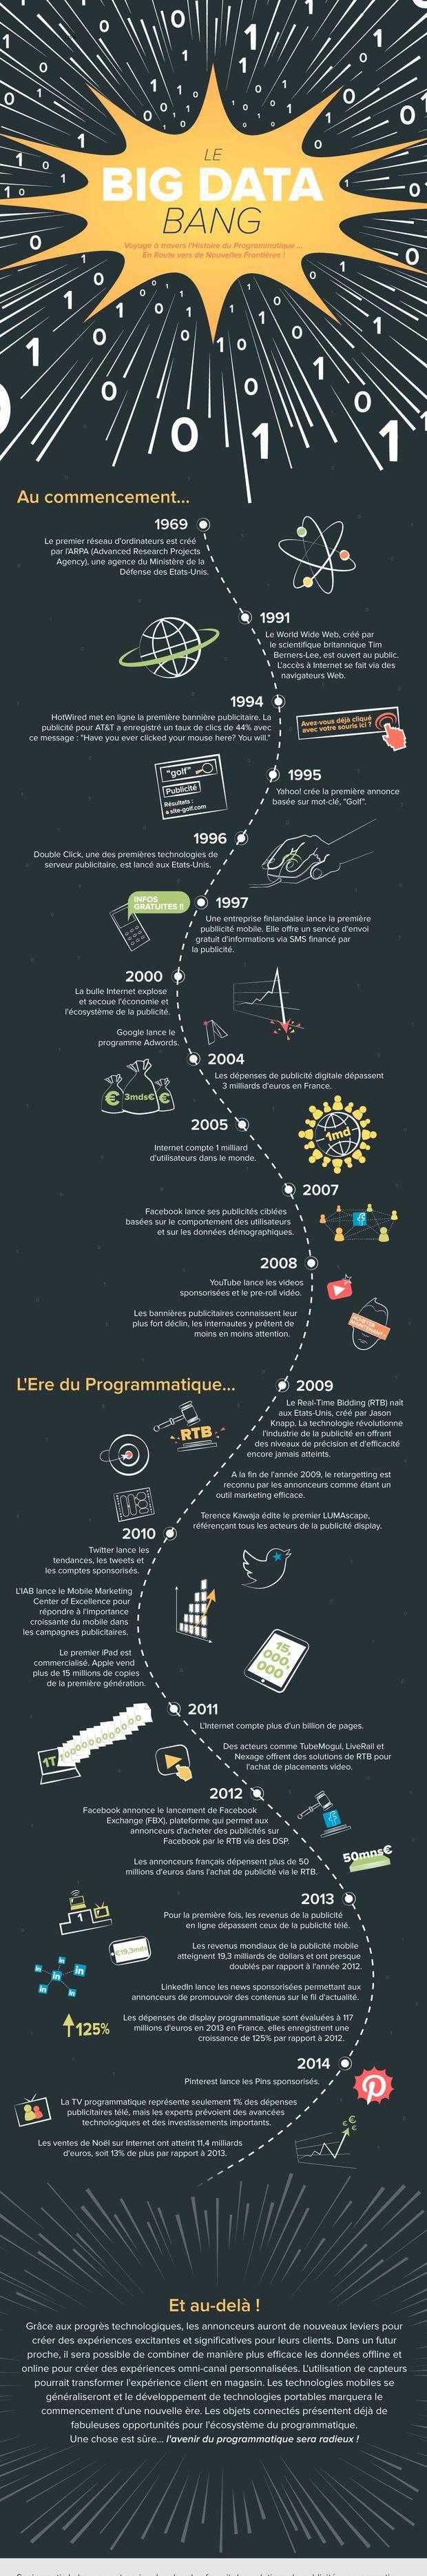 Voyage à travers l'histoire du programmatique, indissociable des origines du web et de l'émergence de la data.